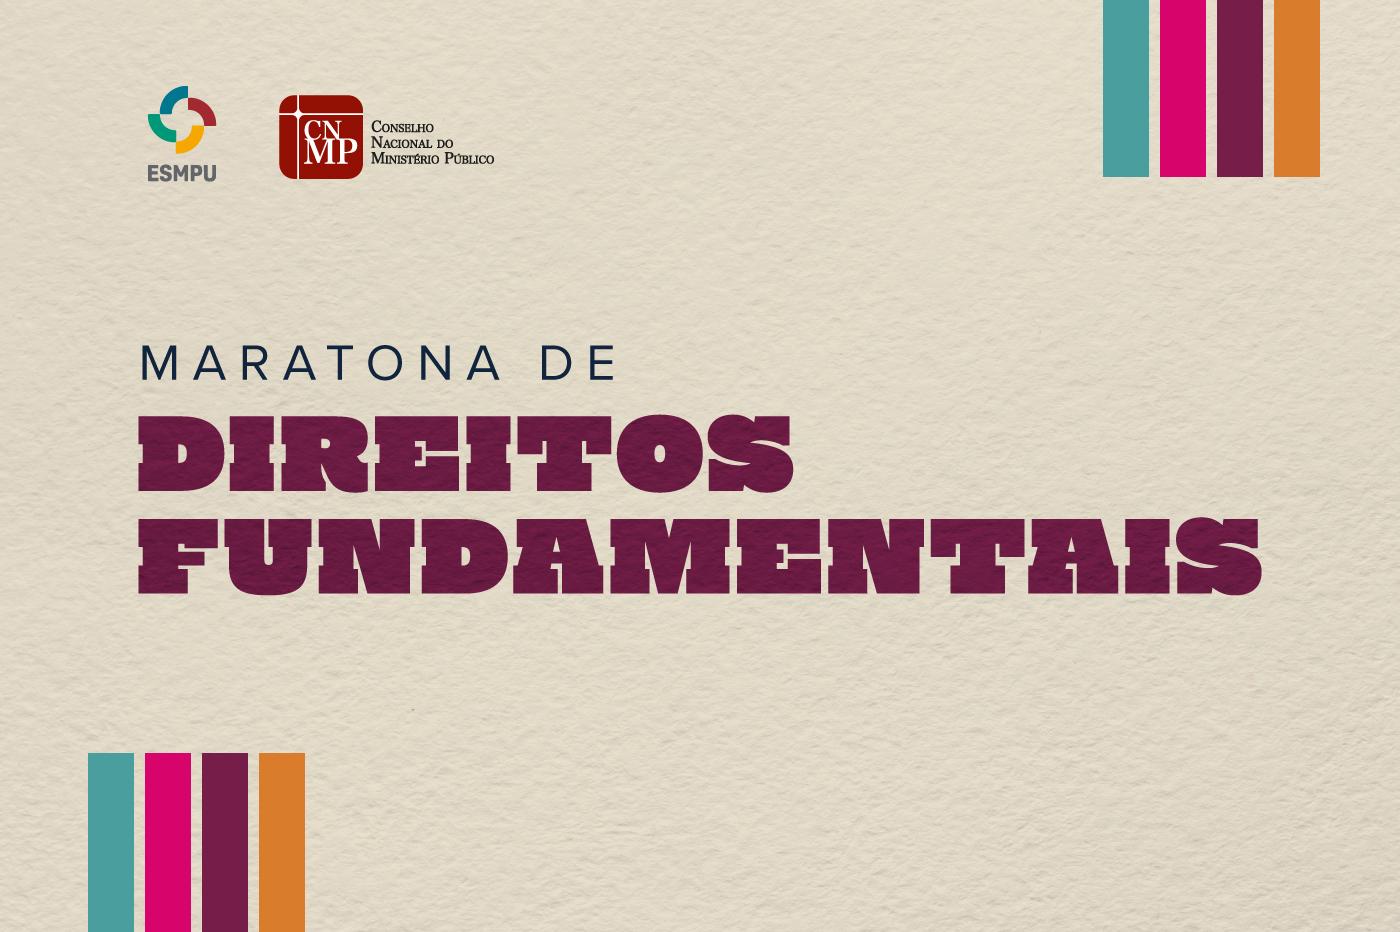 BannerNoticiaMaratonadeDireitosFundamentais1